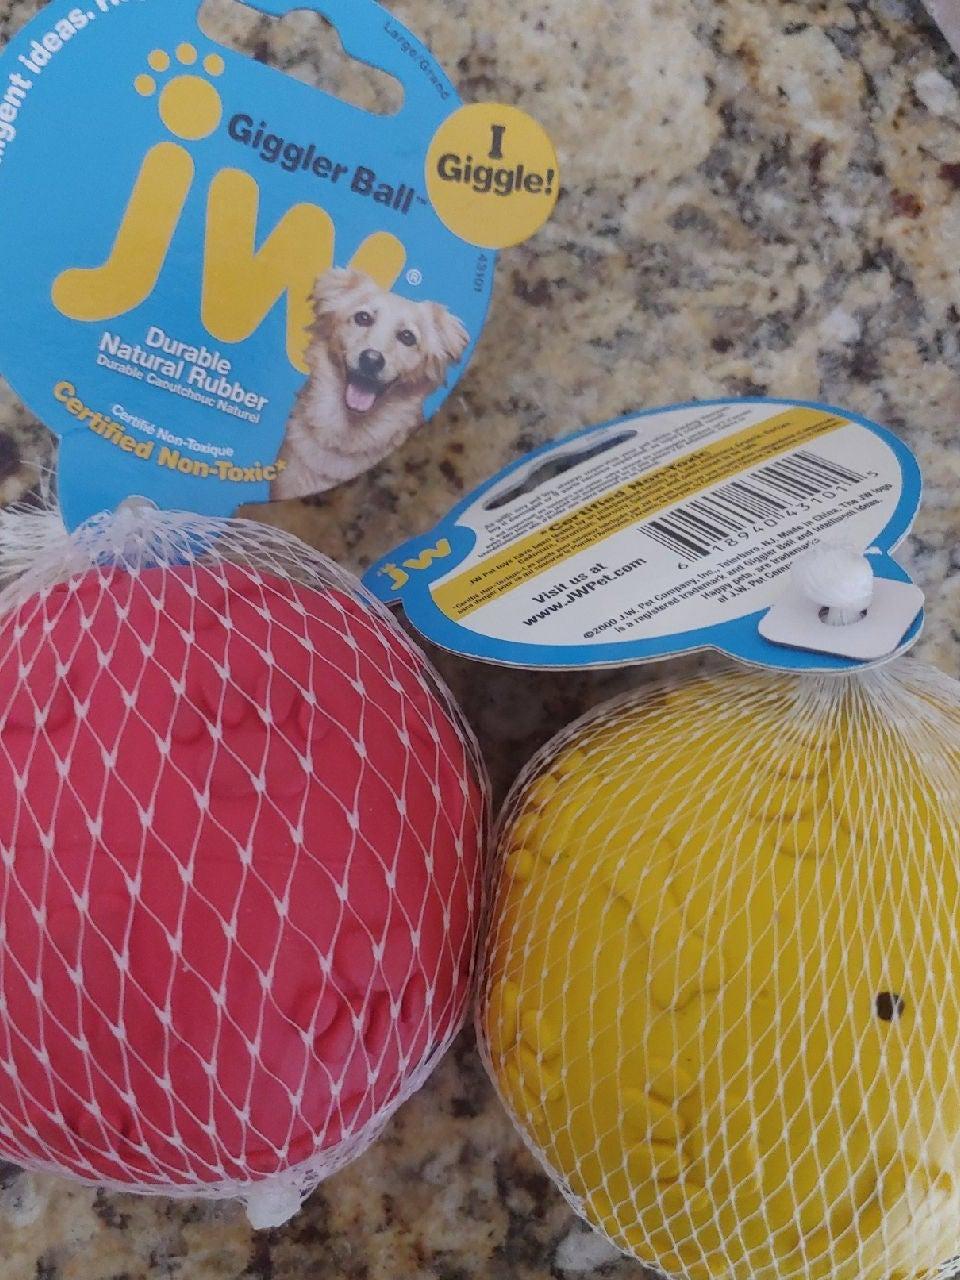 JW Giggler Balls